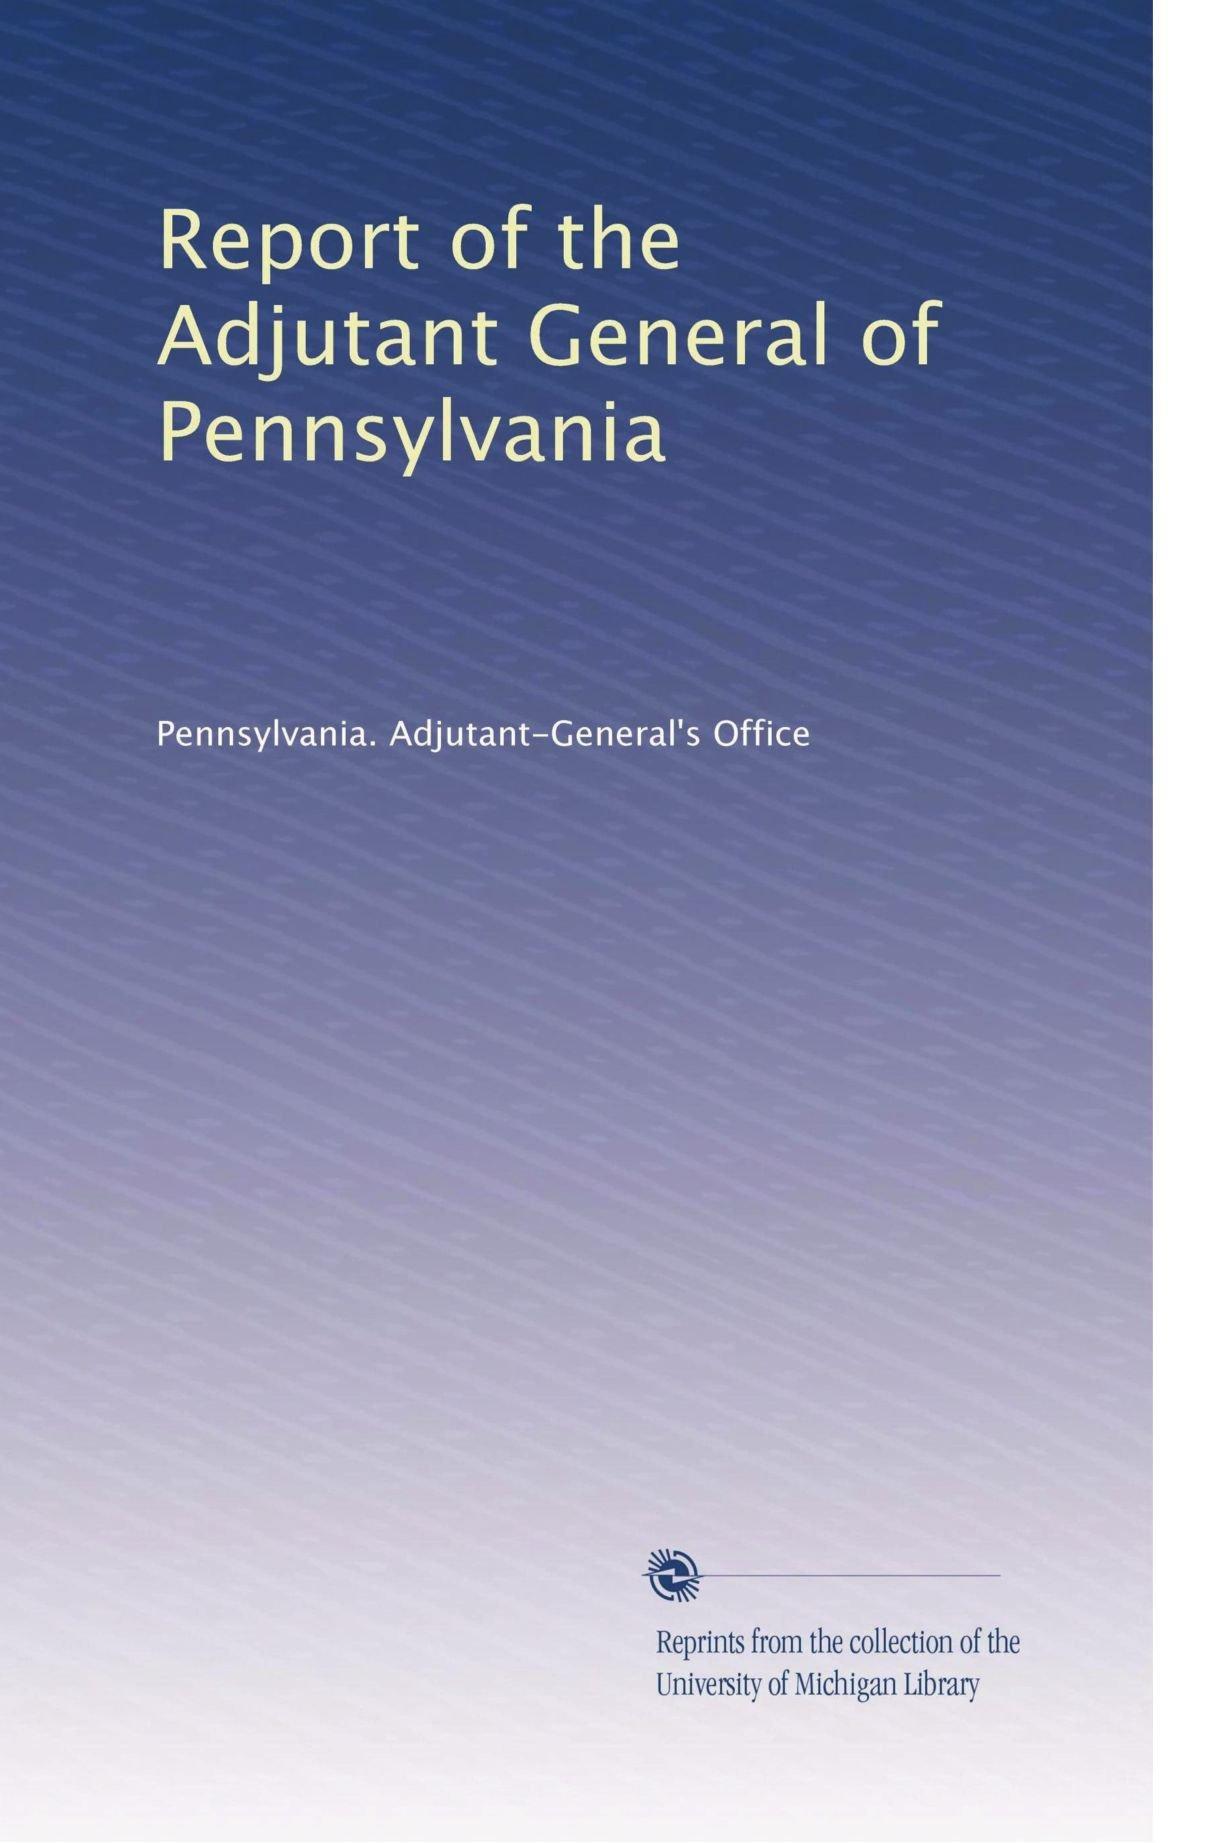 Download Report of the Adjutant General of Pennsylvania (Volume 6) ebook